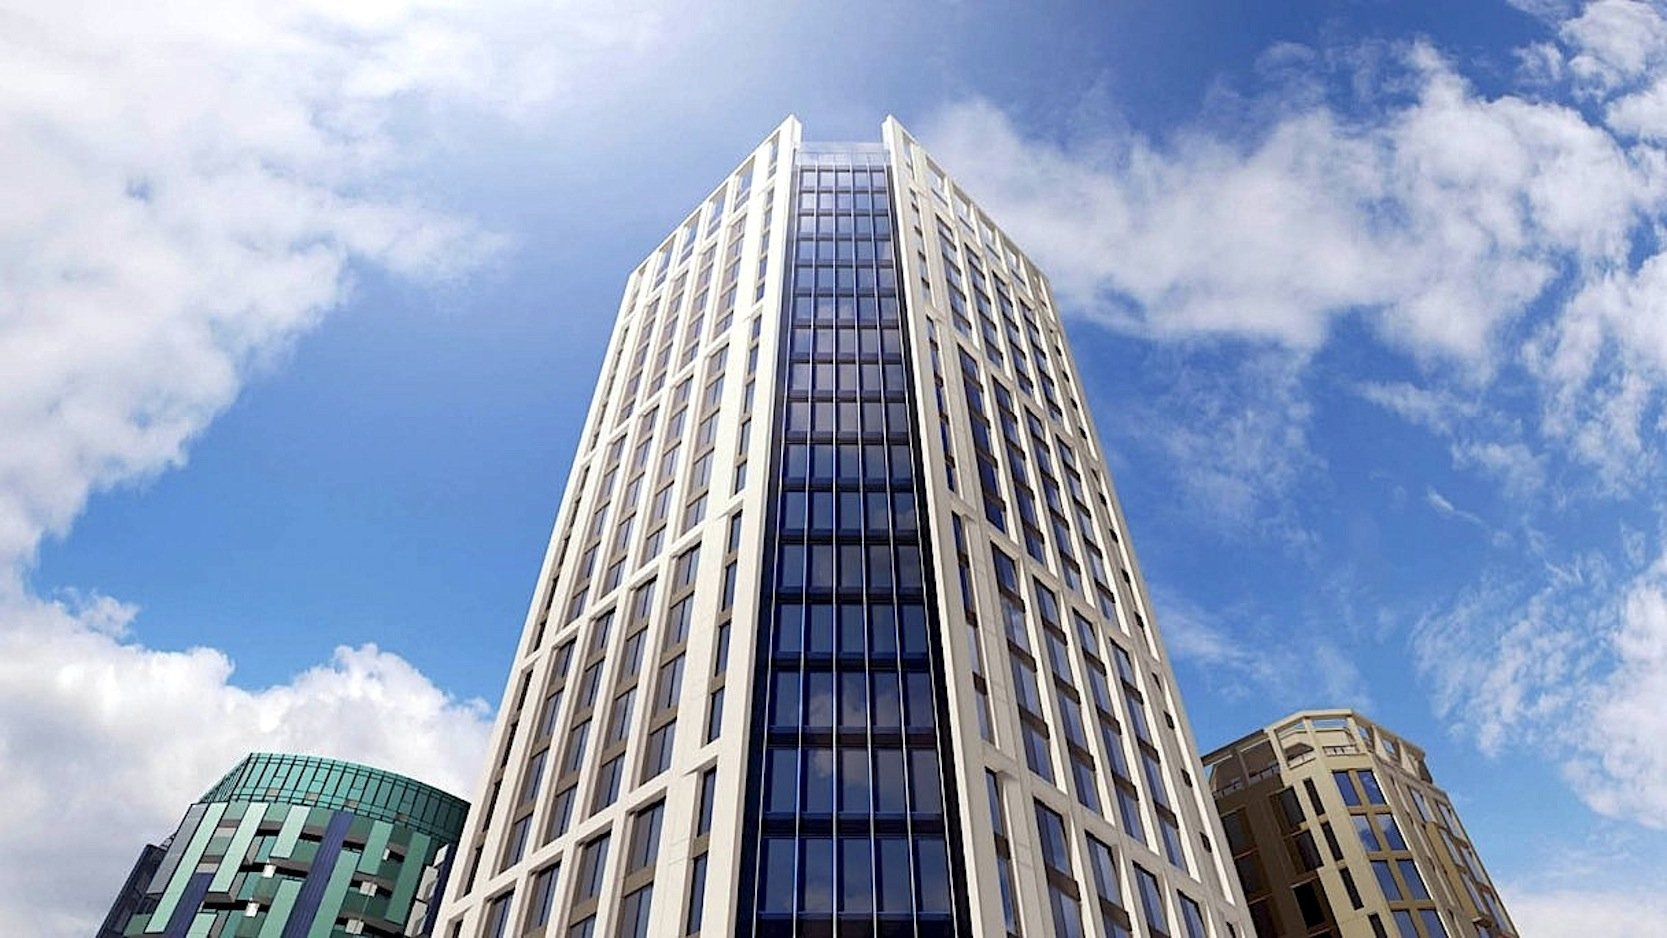 Das Apex House wird 29 Stockwerke hoch und aus vorgefertigten Modulen gebaut.